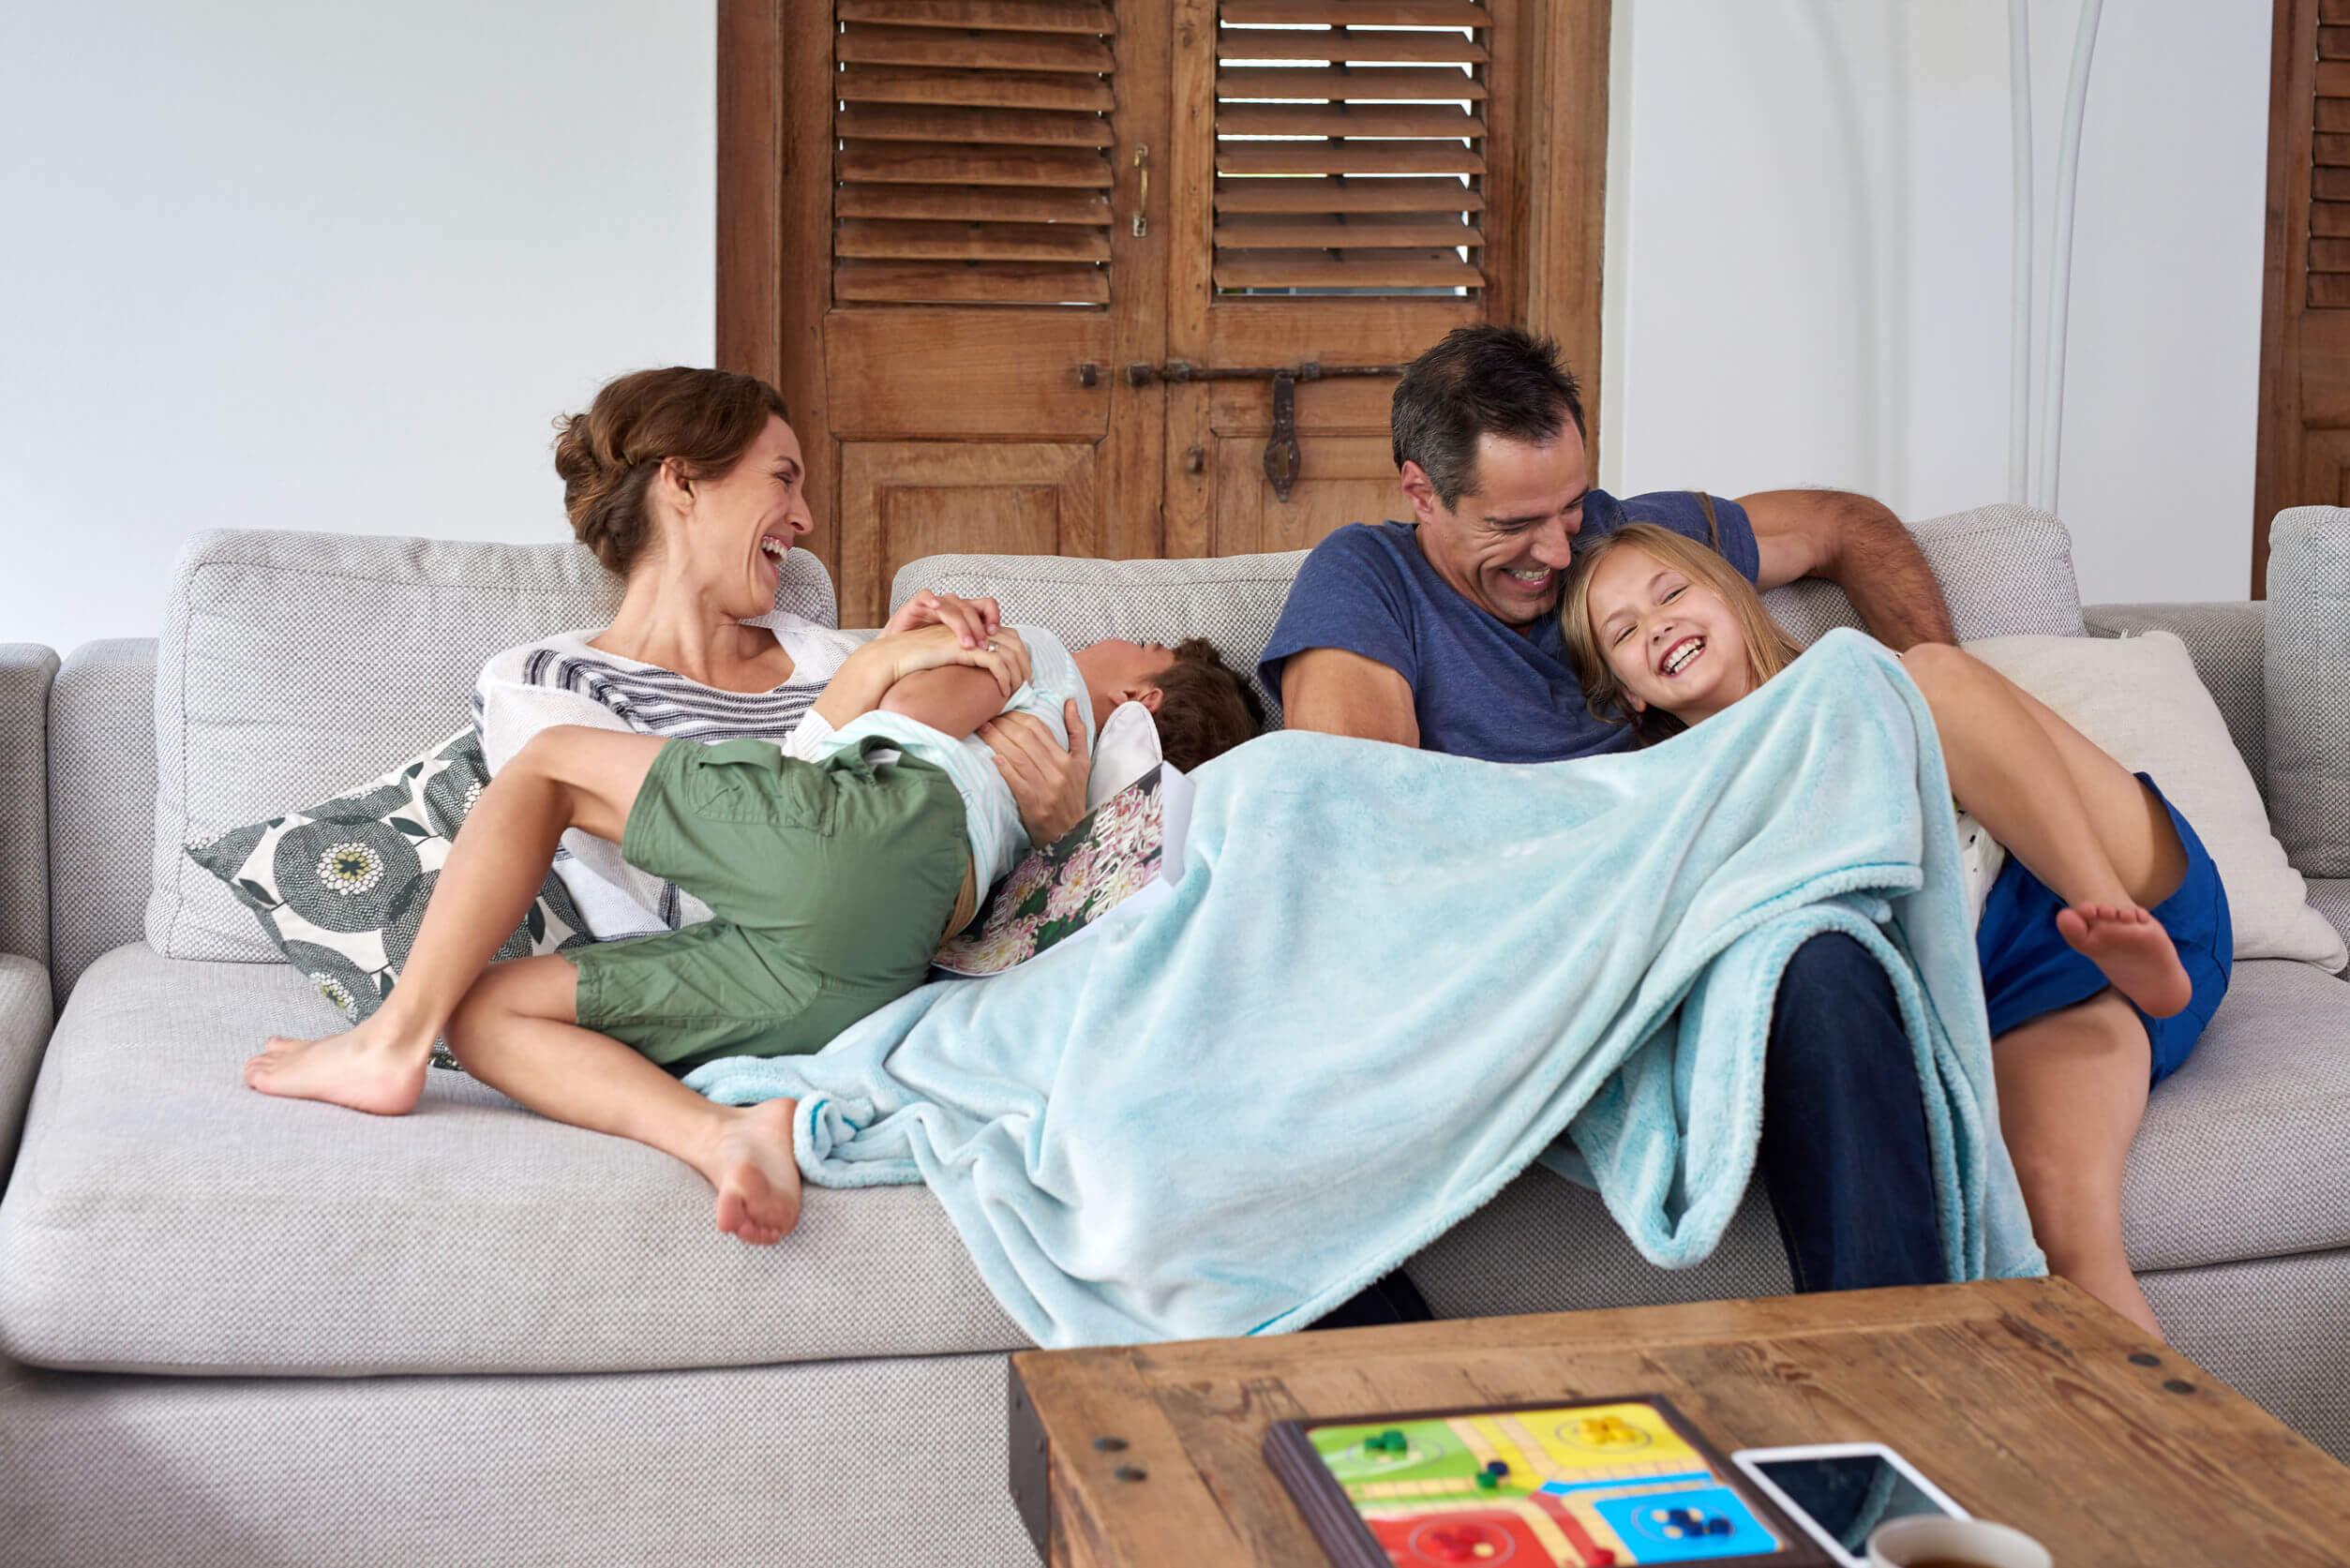 Padres abrazando a sus hijos mientras se ríen en familia.